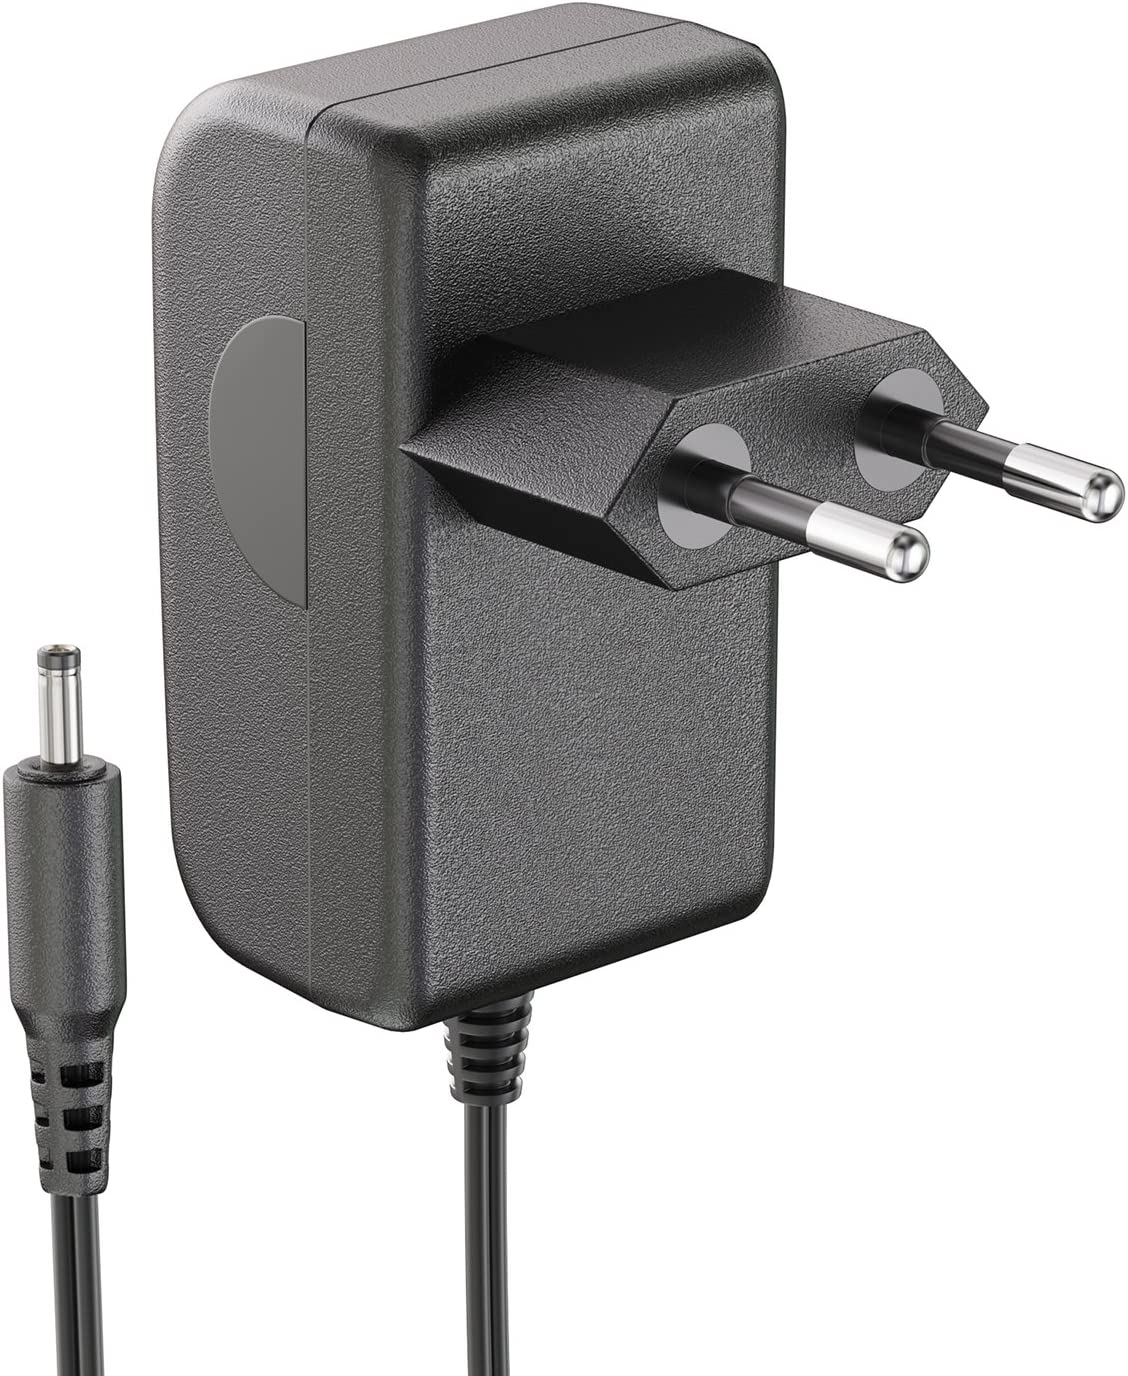 parlat LED fuente de alimentación ATOM 24V corriente continua 12W